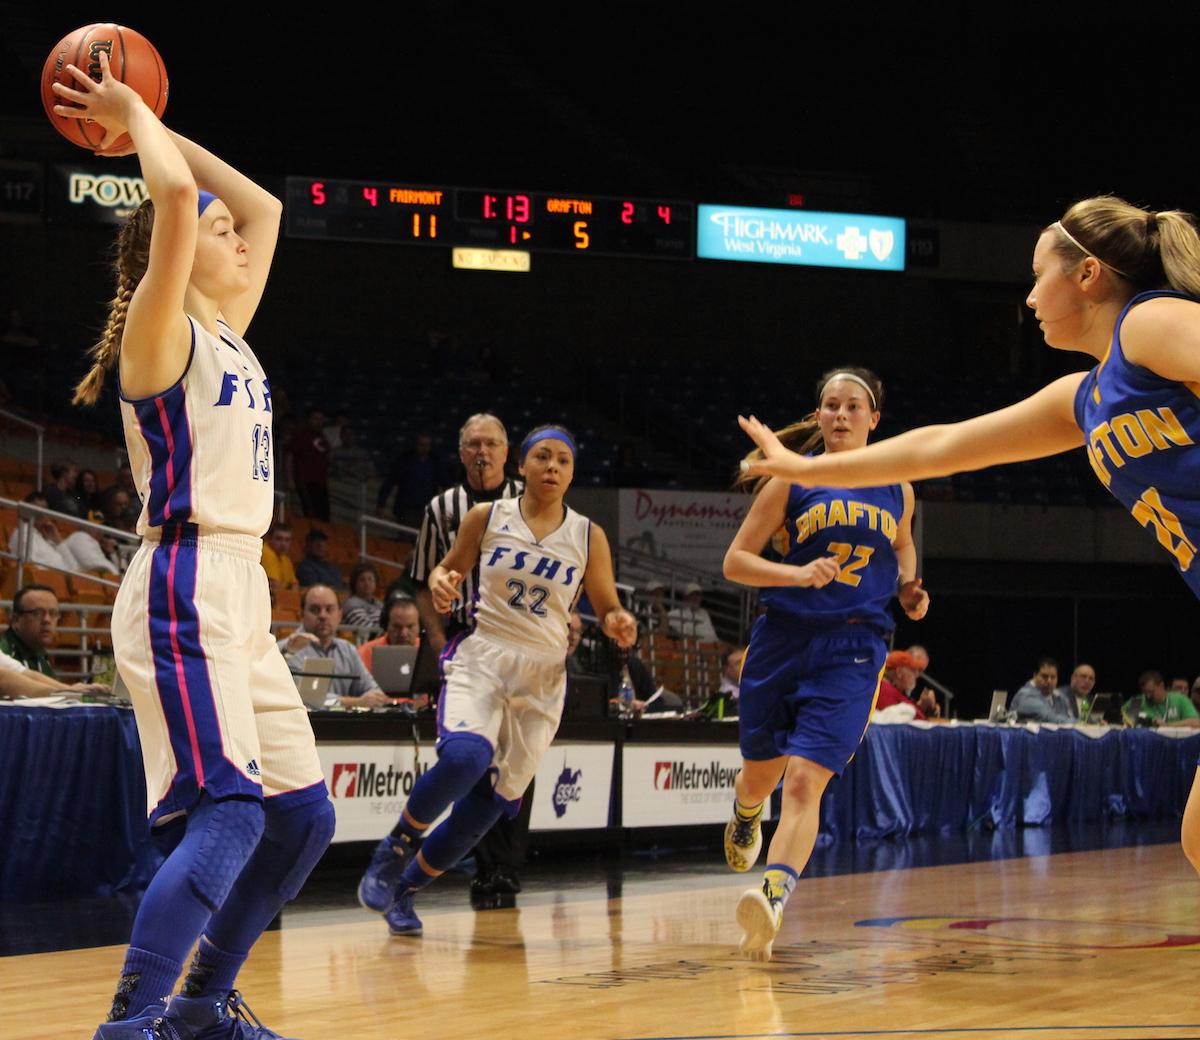 Girls State Basketball Tournament - Fairmont Senior vs ...